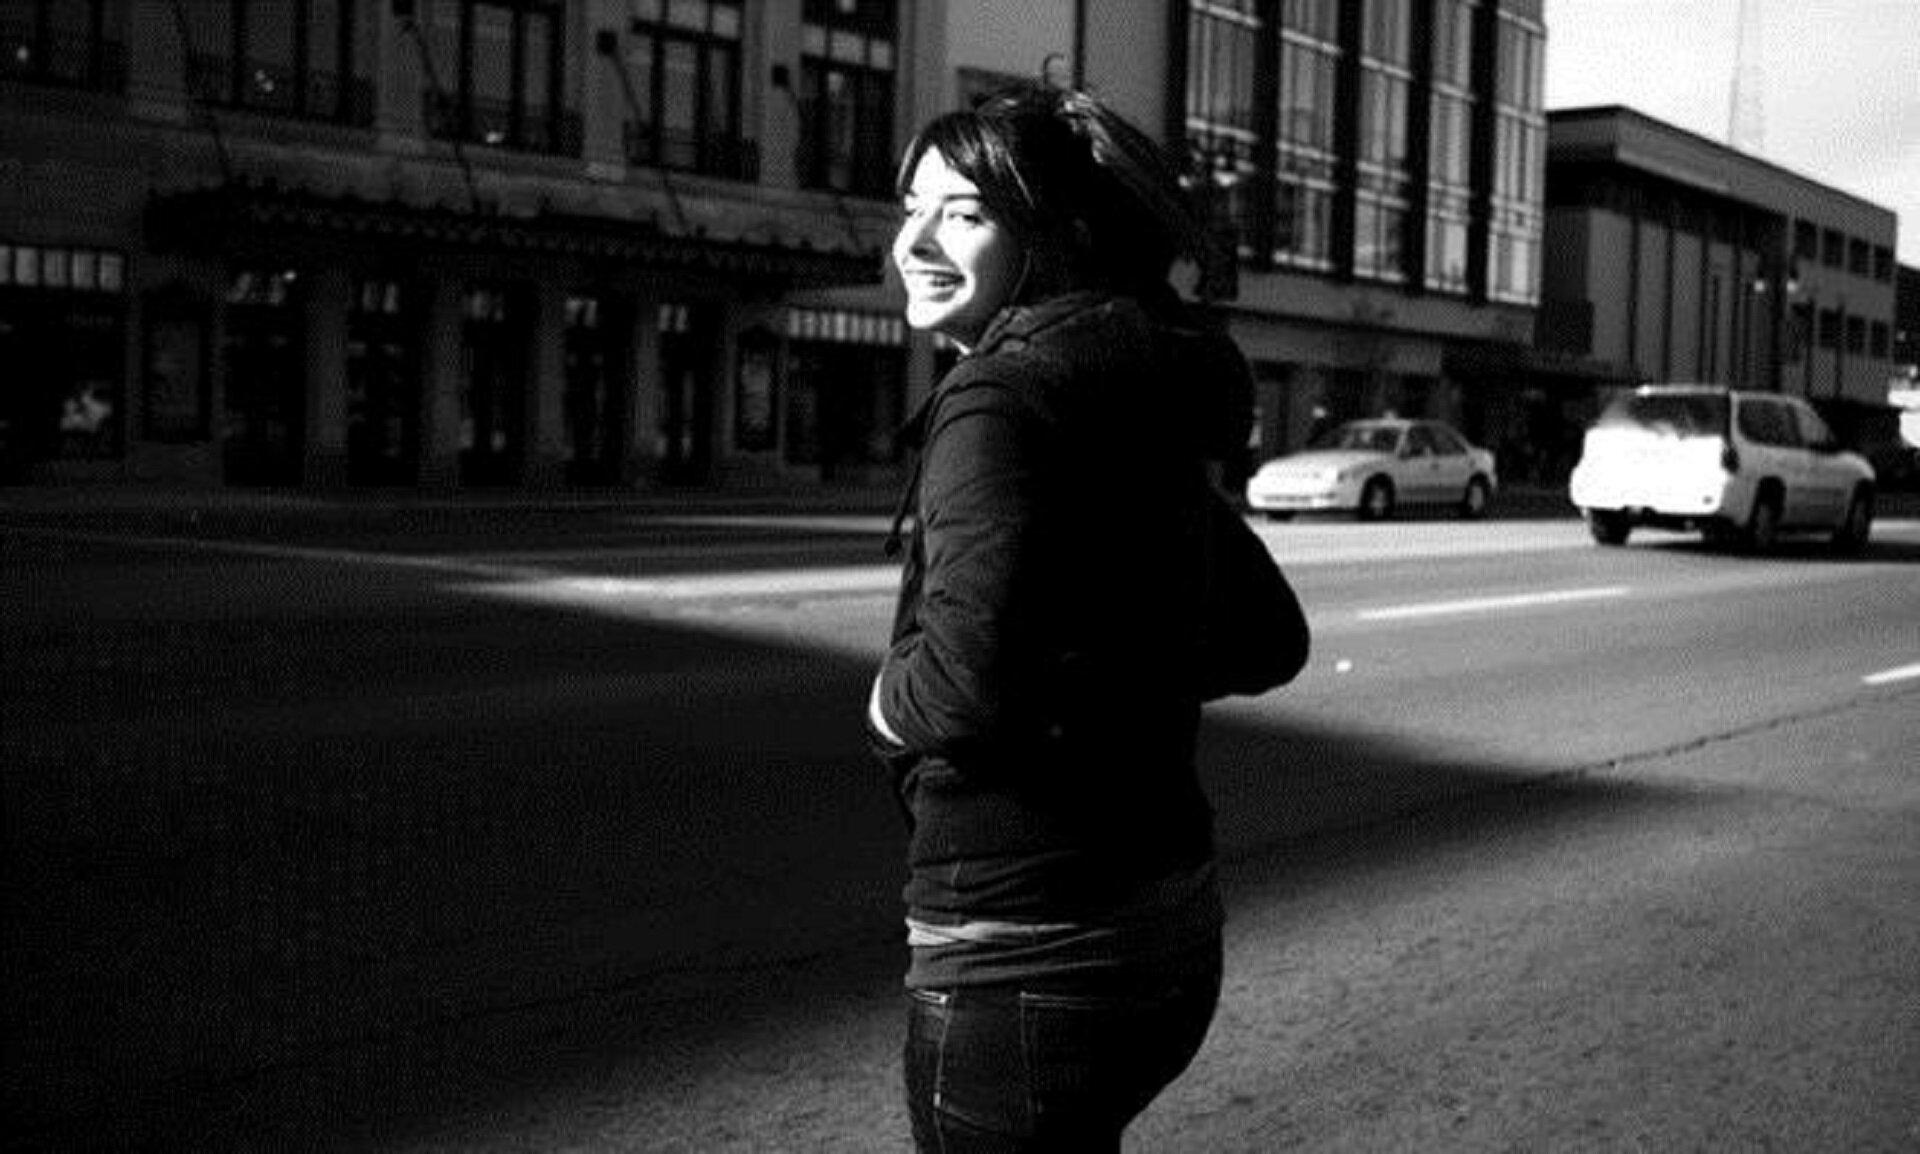 Czarnobiała fotografia nieznanego autora przedstawia kobietę pozującą na tle budynków wcentrum miasta. Kobieta ma jasną karnację, długie ciemne włosy. Ubrana jest wciemną kurtkę oraz dżinsowe spodnie. Wtle widoczne są jadące białe auta, oraz budynki stojące woddali.